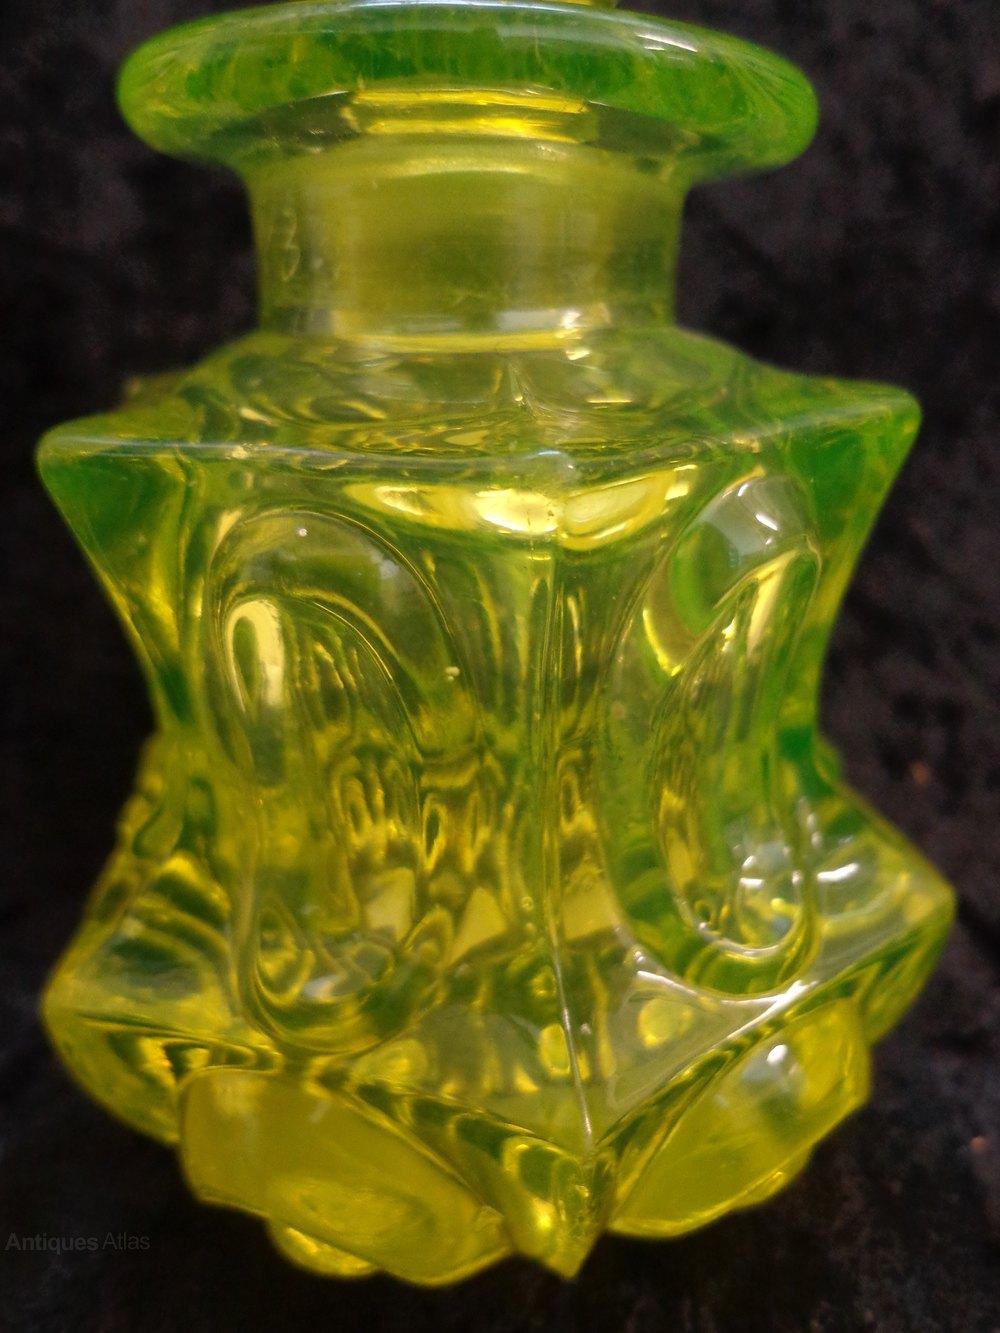 Antiques atlas victorian uranium glass bottle all other glass victorian uranium glass bottle reviewsmspy